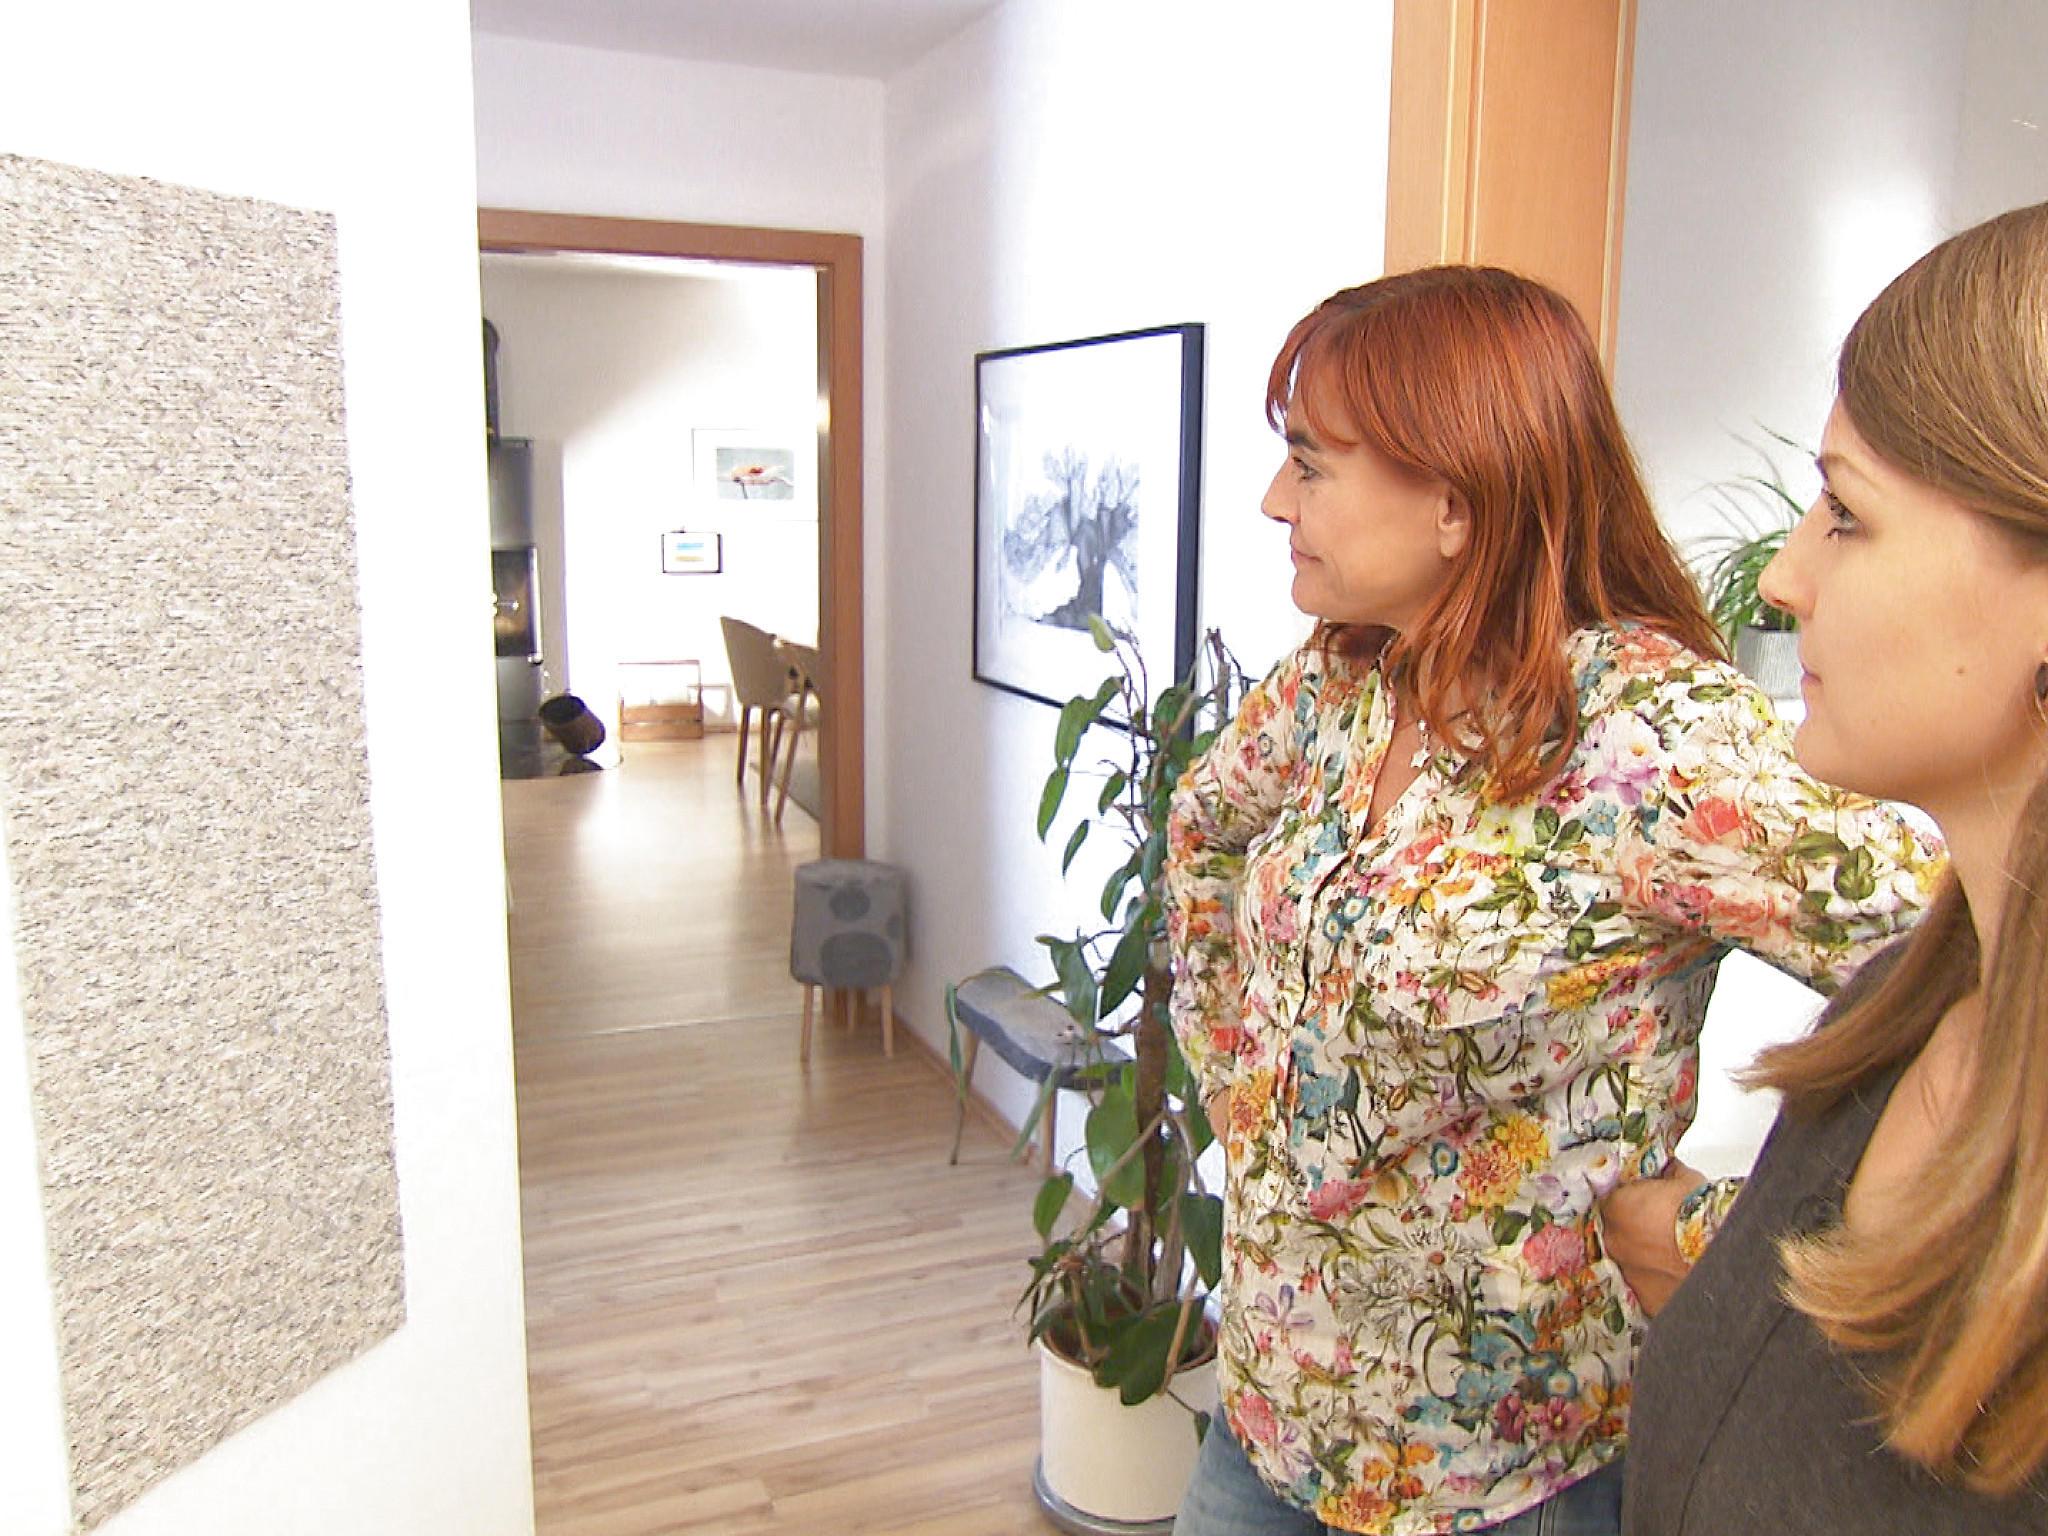 hundkatzemaus kratzm bel f r stubentiger einfach selbermachen. Black Bedroom Furniture Sets. Home Design Ideas